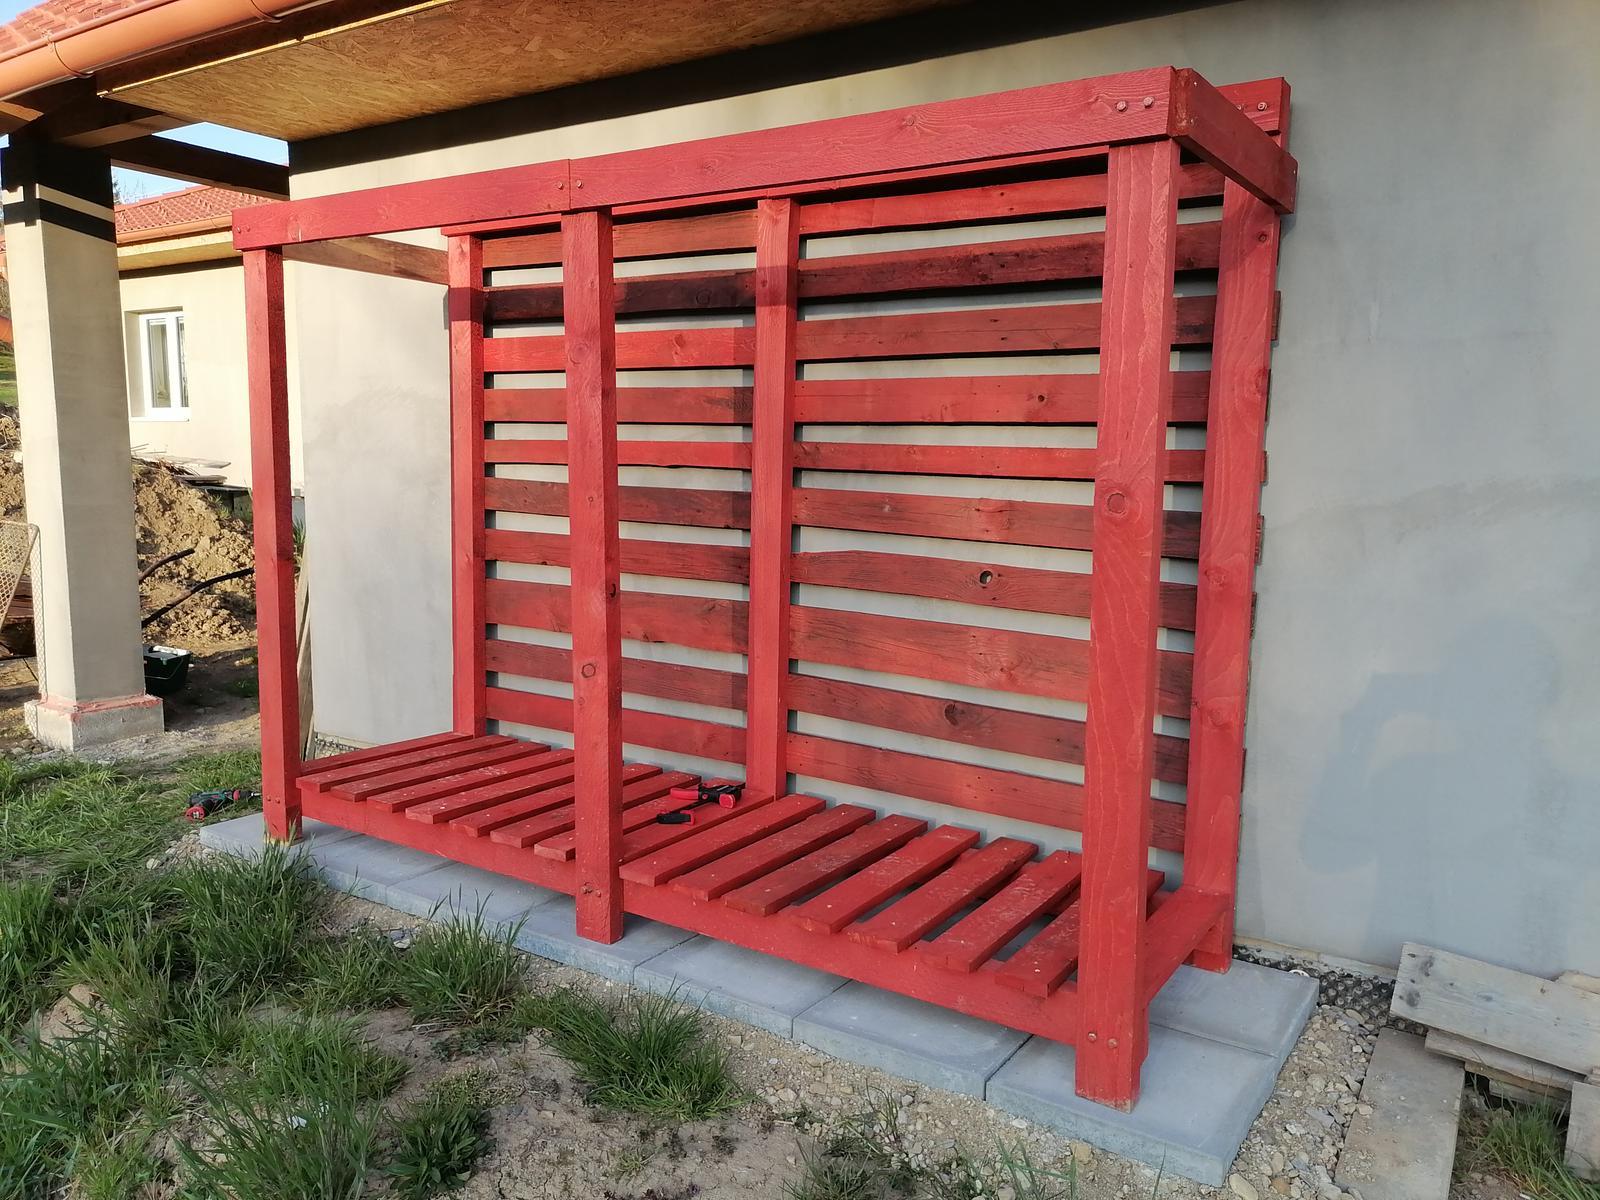 Moje tvorenie z dreva - Nateraz takto, ešte boky a strecha.